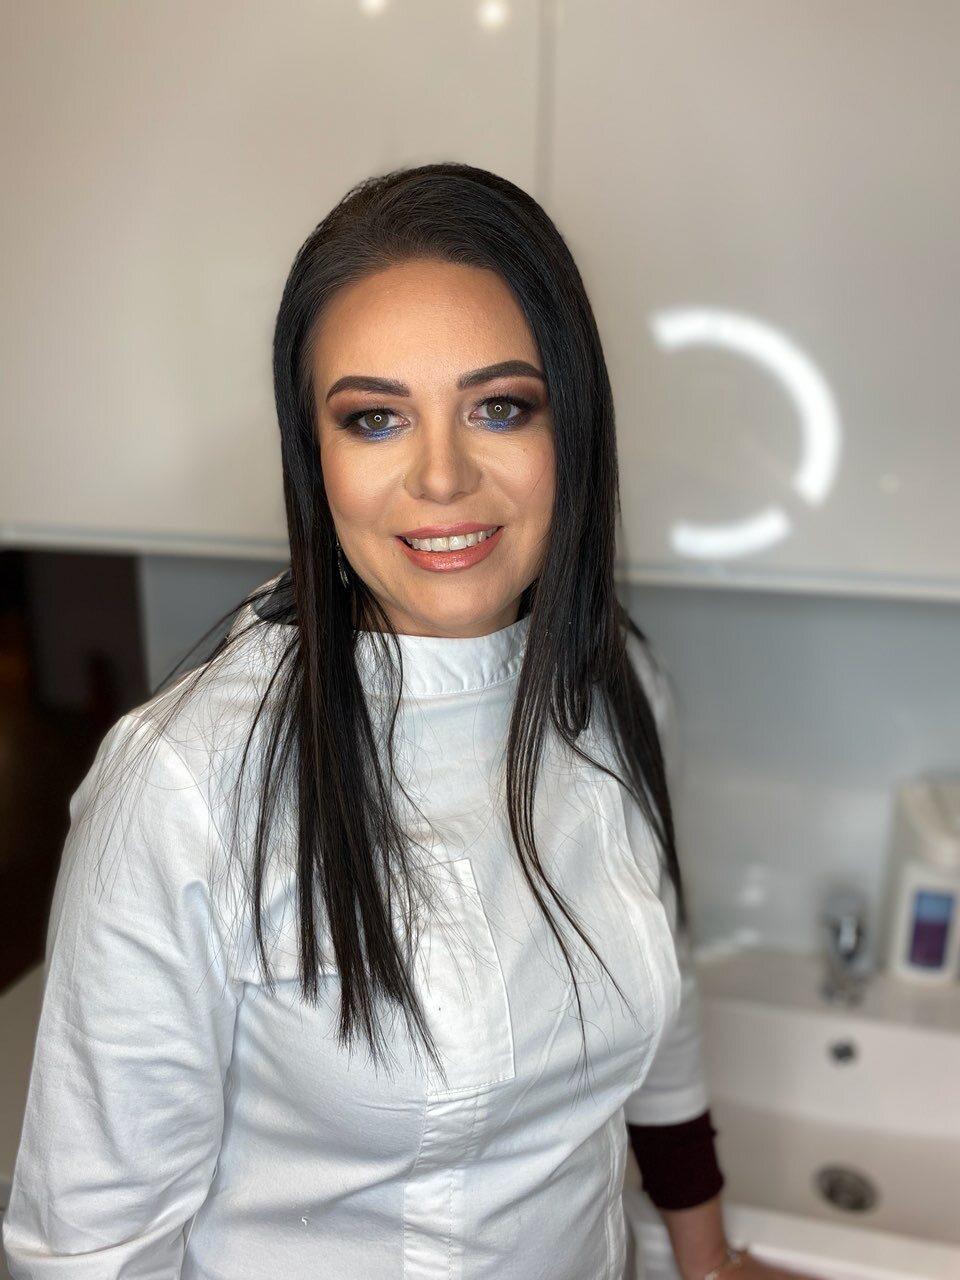 Monika Ławik, mgr medycyny estetycznej, prezes zarządu Surima Professional Sp. z o.o., główny szkoleniowiec marki Rhonda Allison na Polskę i Europę